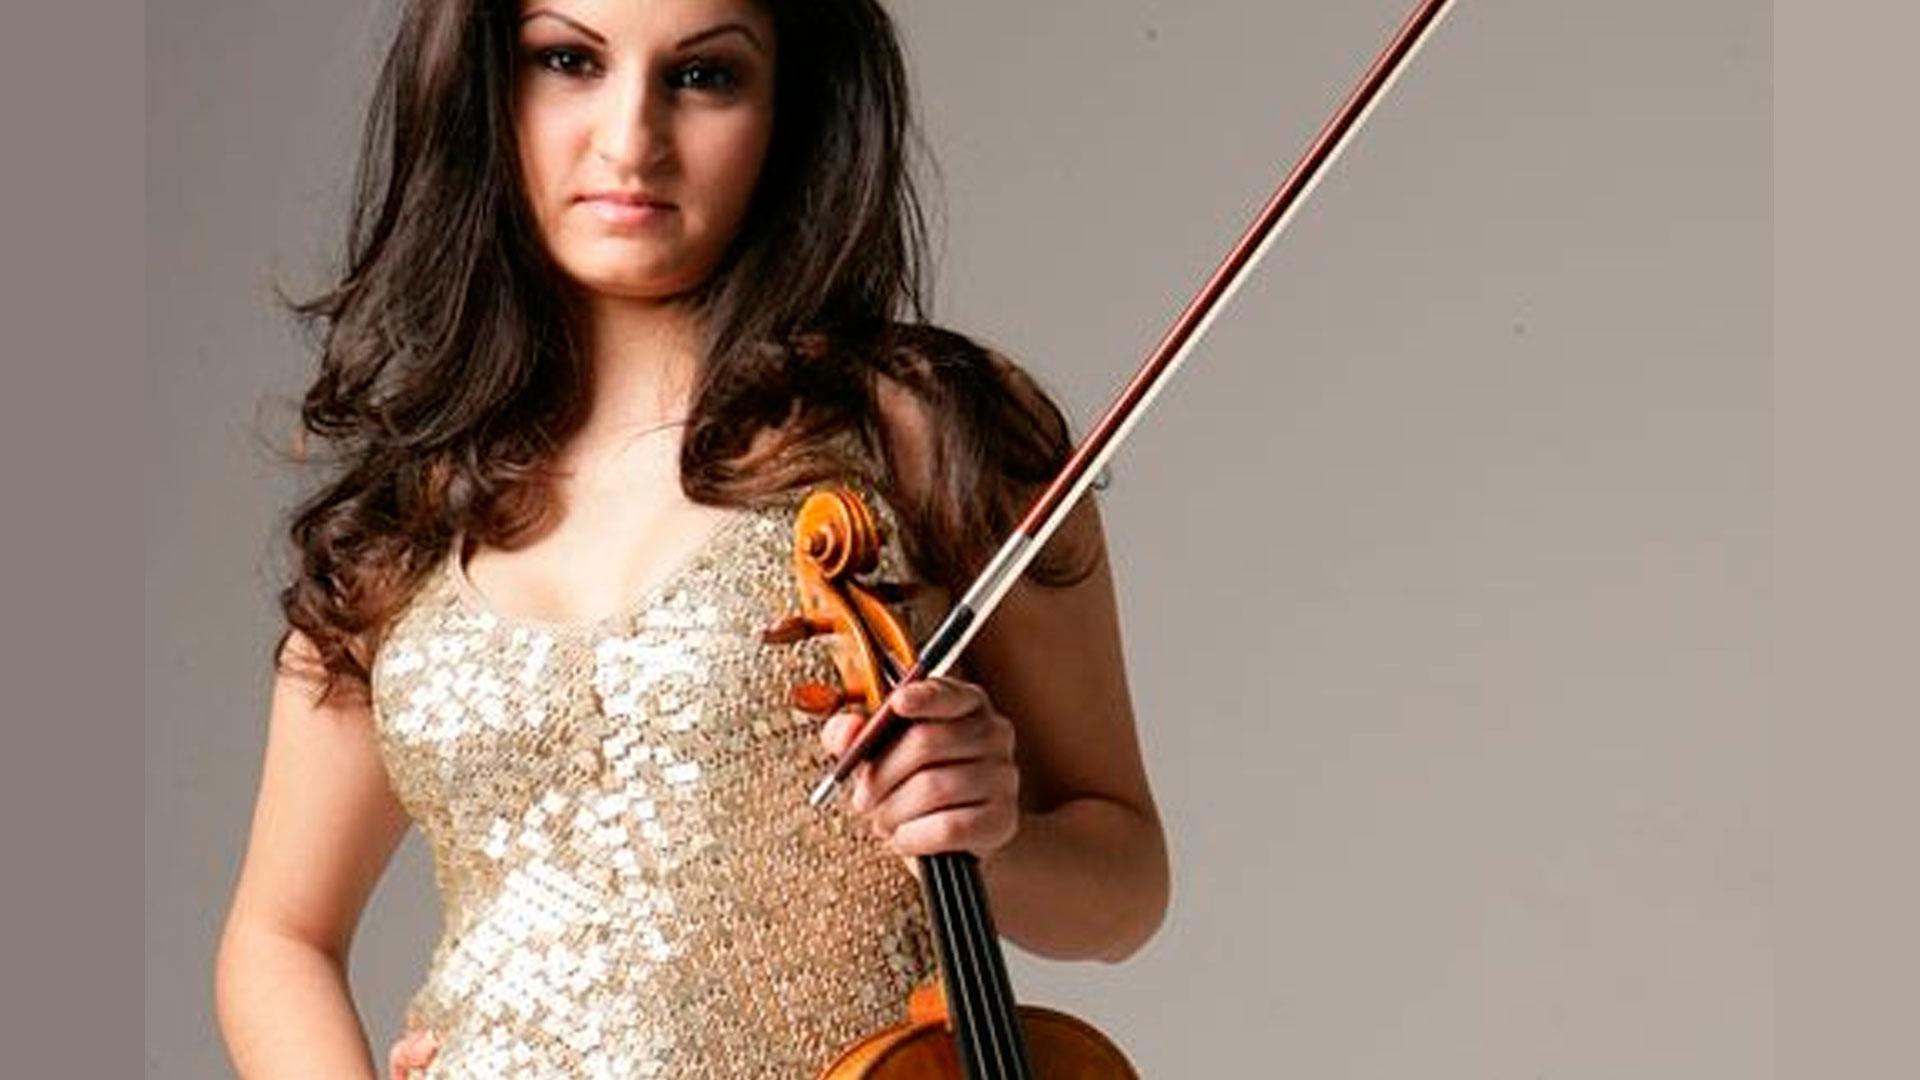 """La violinista Alina Pinchas interpreta el """"Concierto para violín"""" de E. W. Korngold bajo la dirección de Jesús López Cobos"""